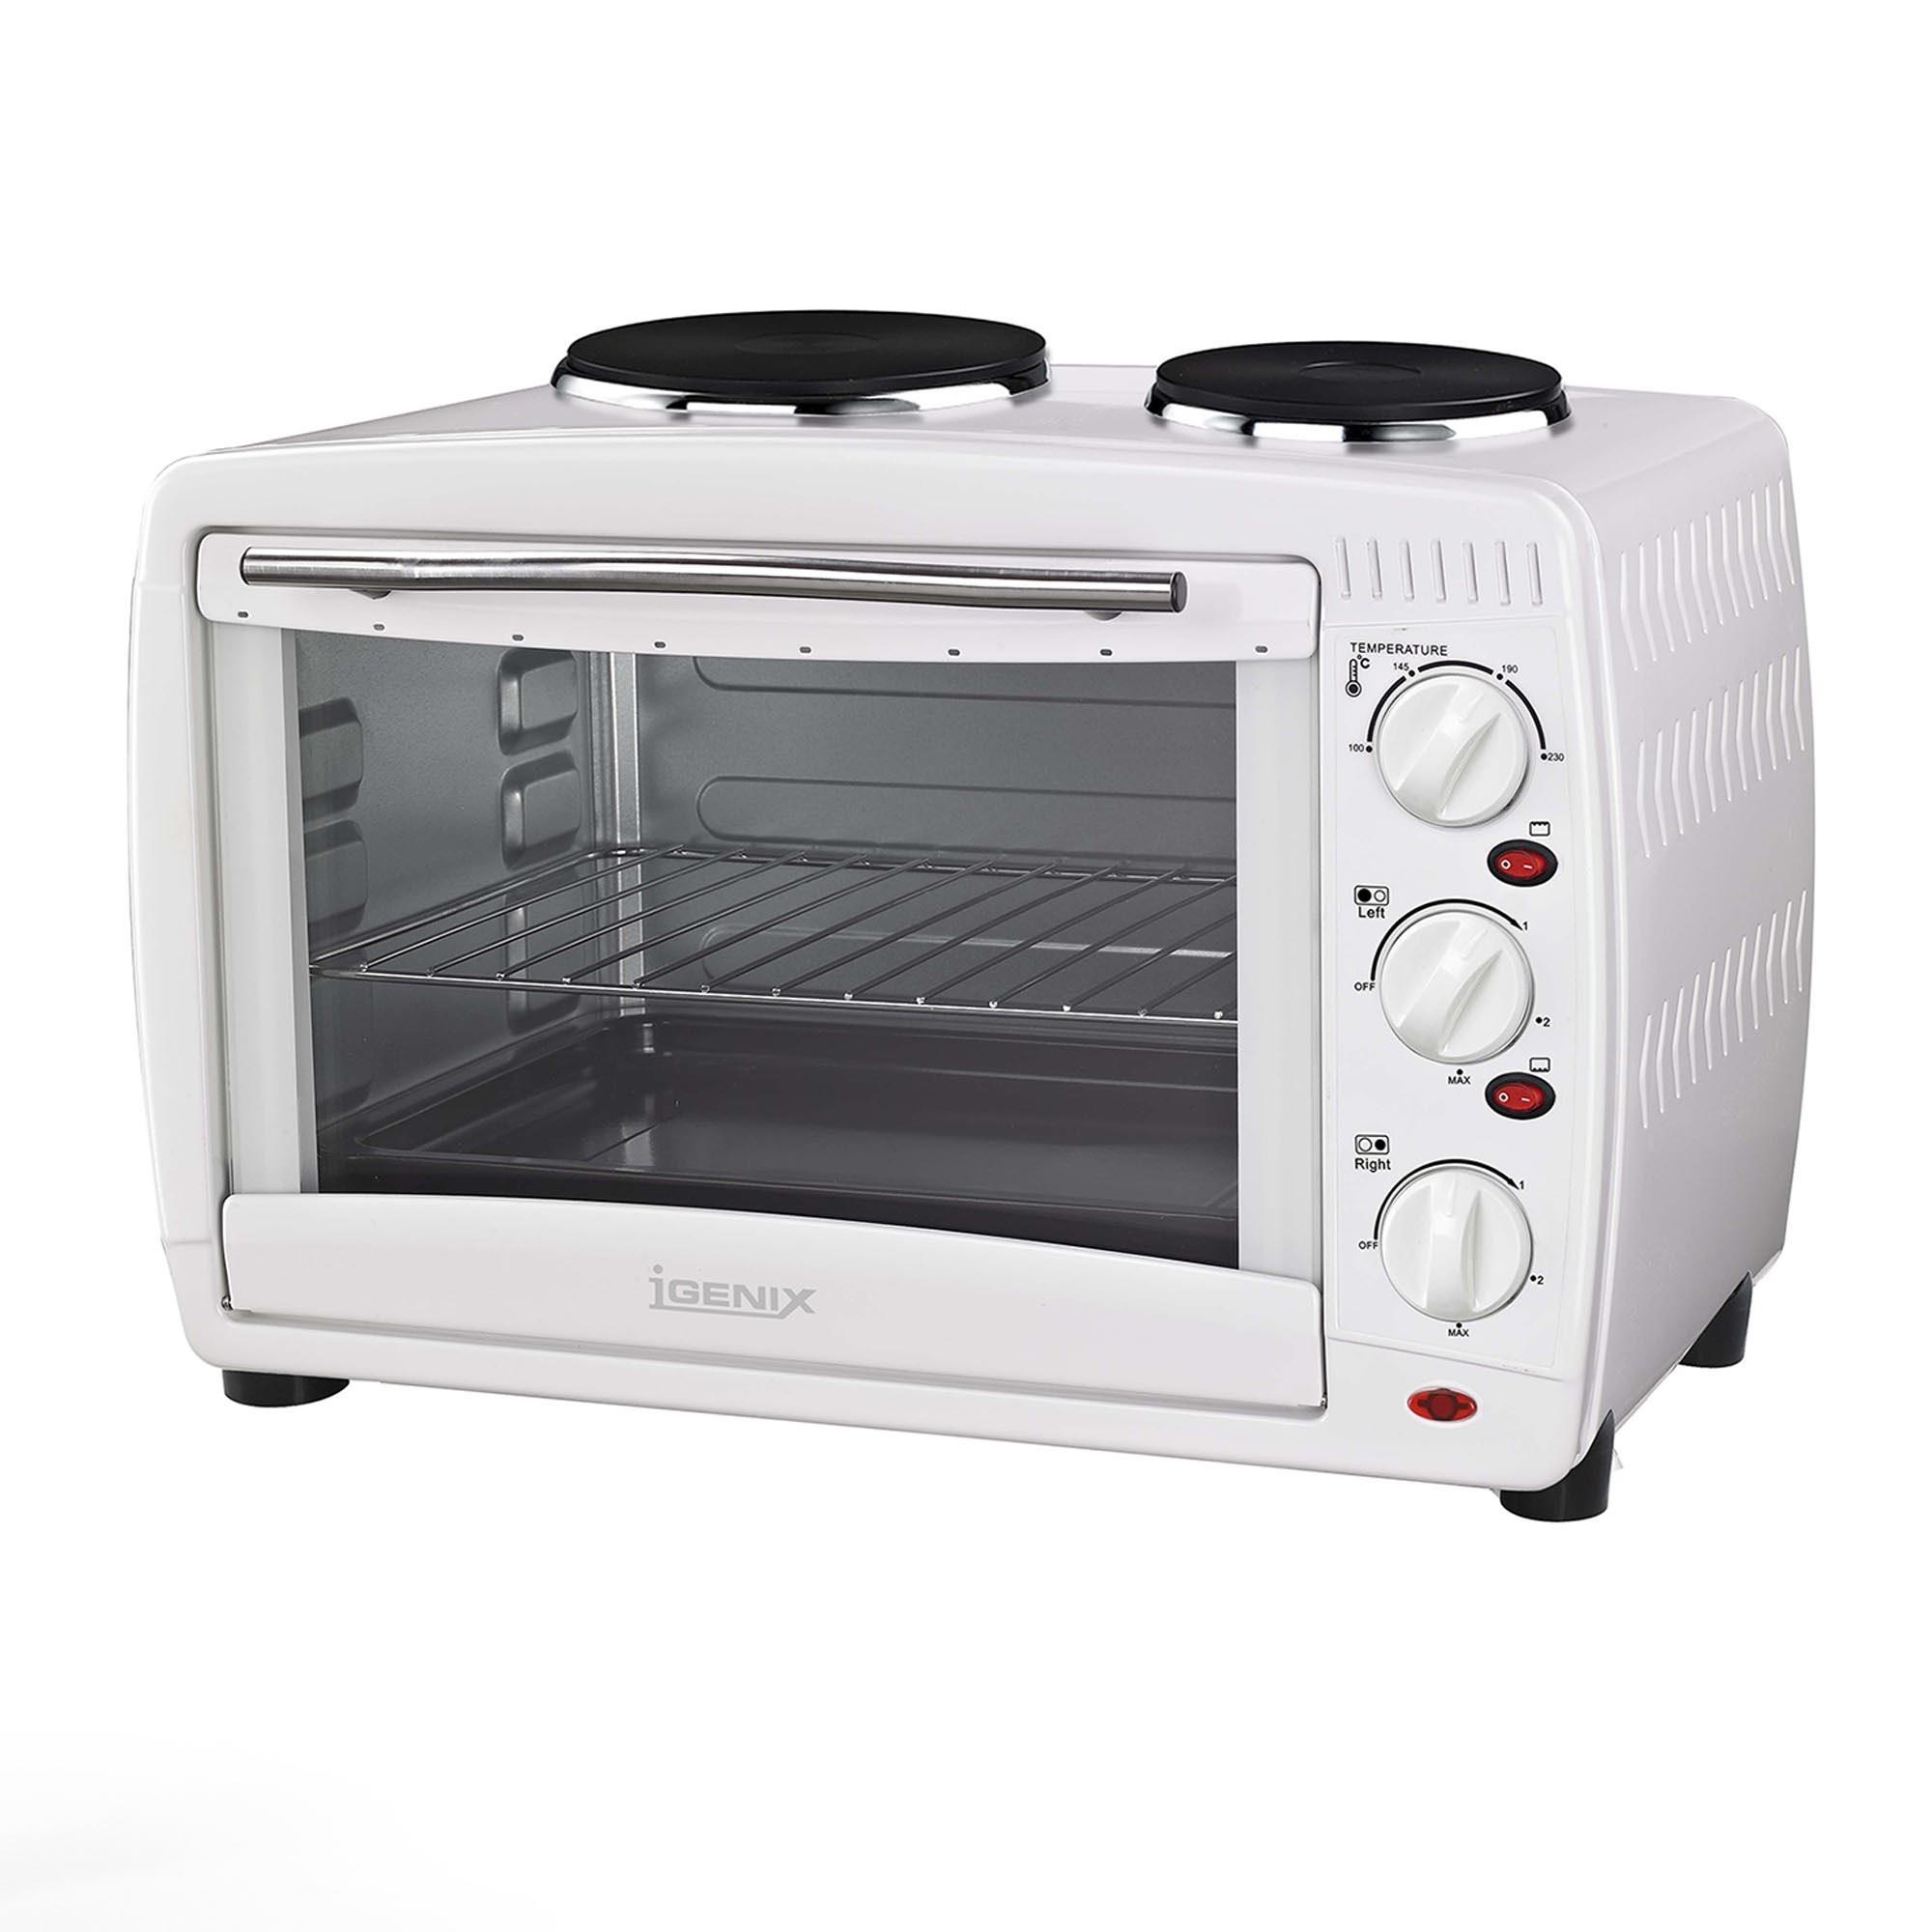 Mini Oven: Igenix IG7126 White 26 Litre Mini Oven With 2 Solid